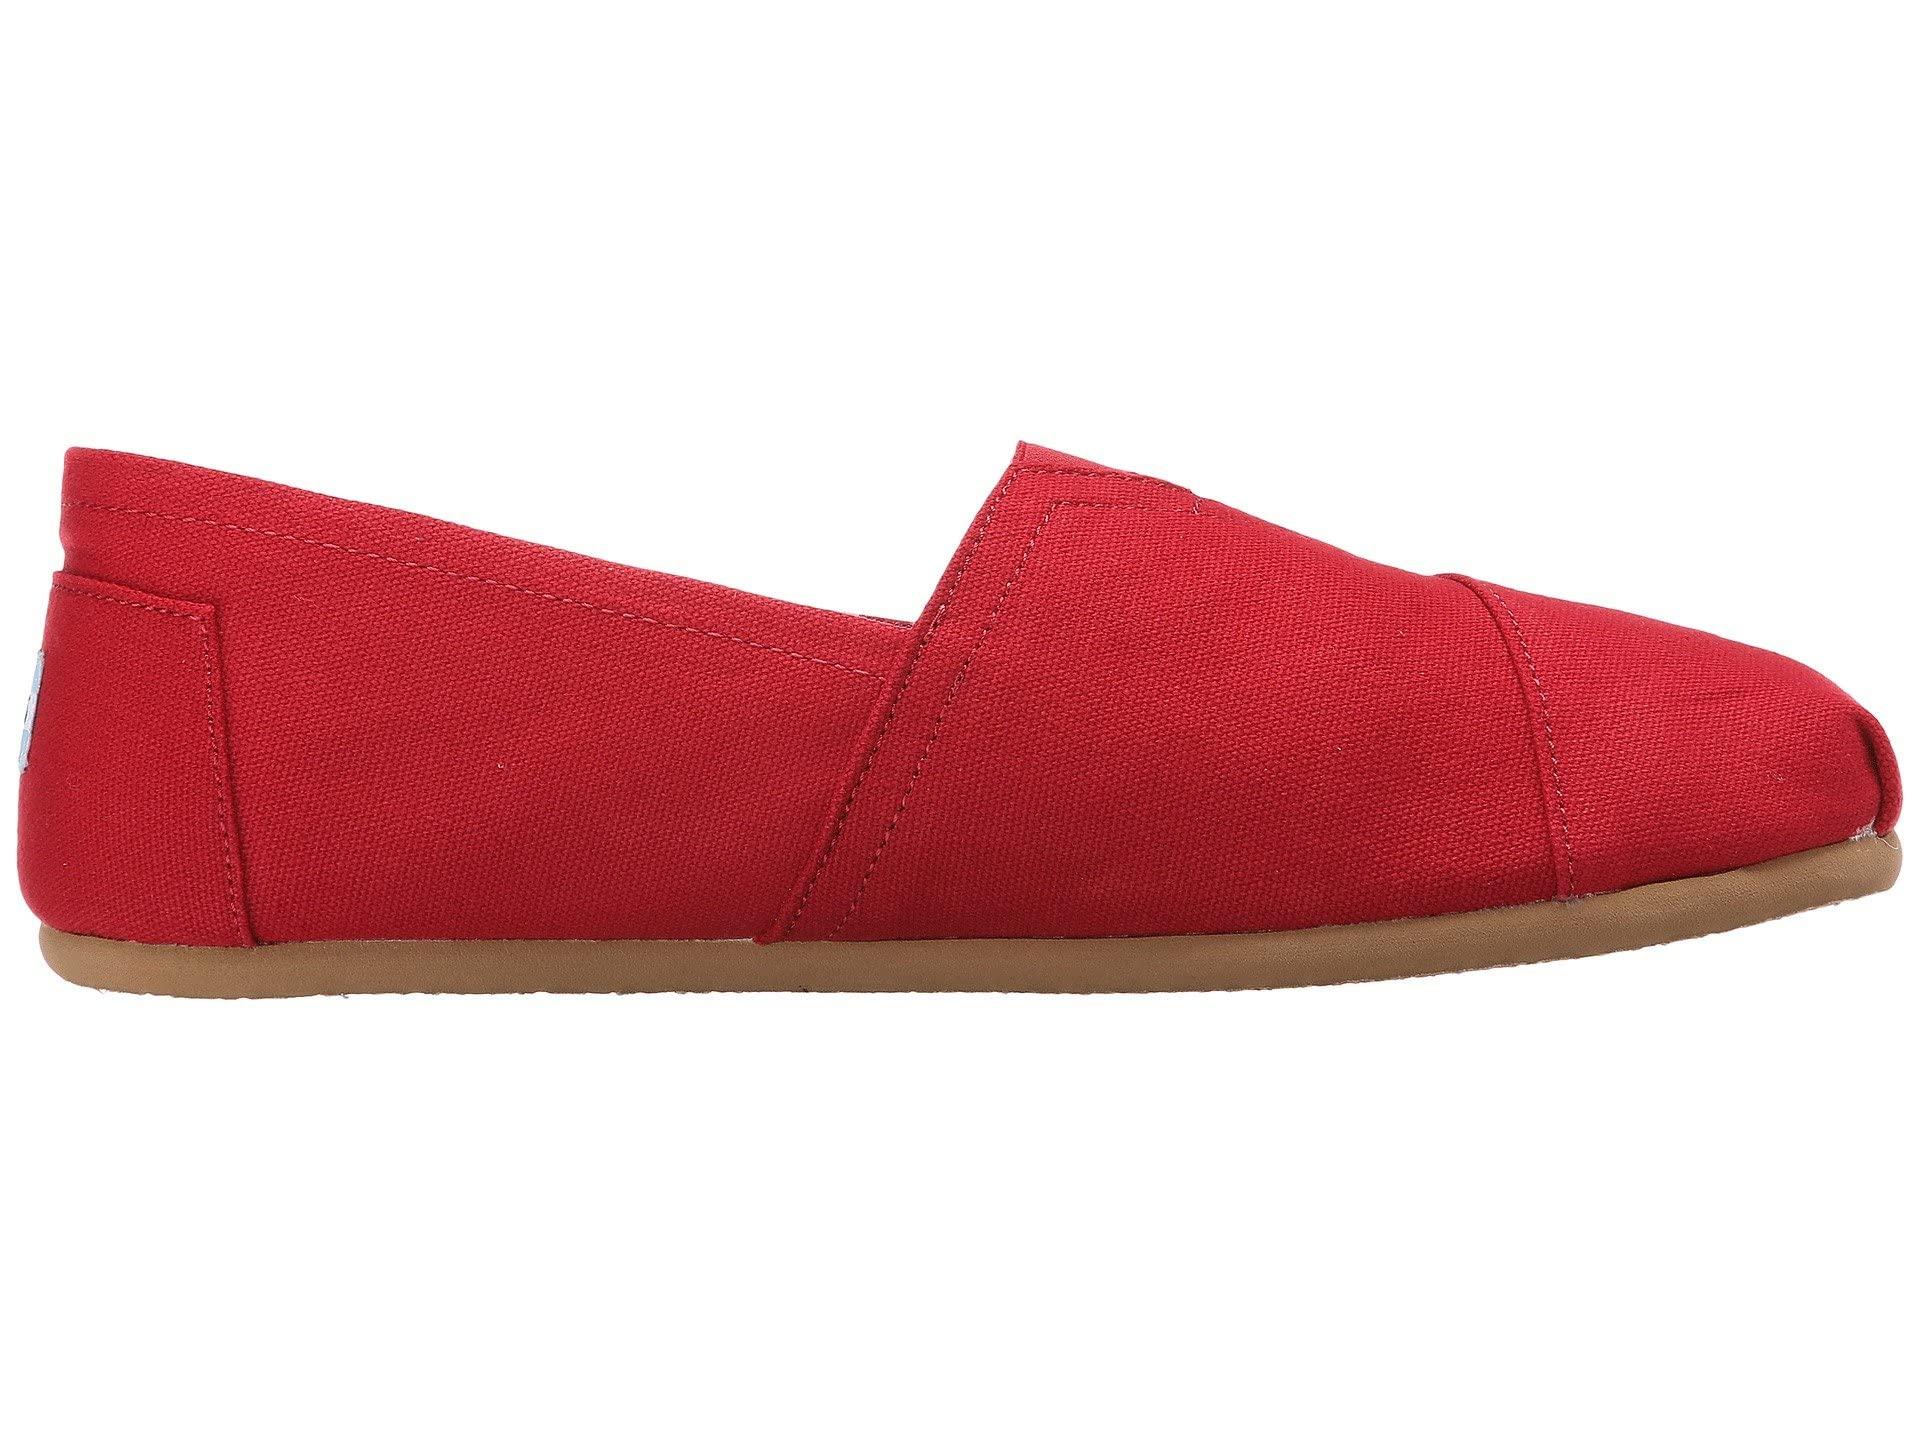 thumbnail 27 - TOMS Women's Classic Alpargata Slip On Shoes